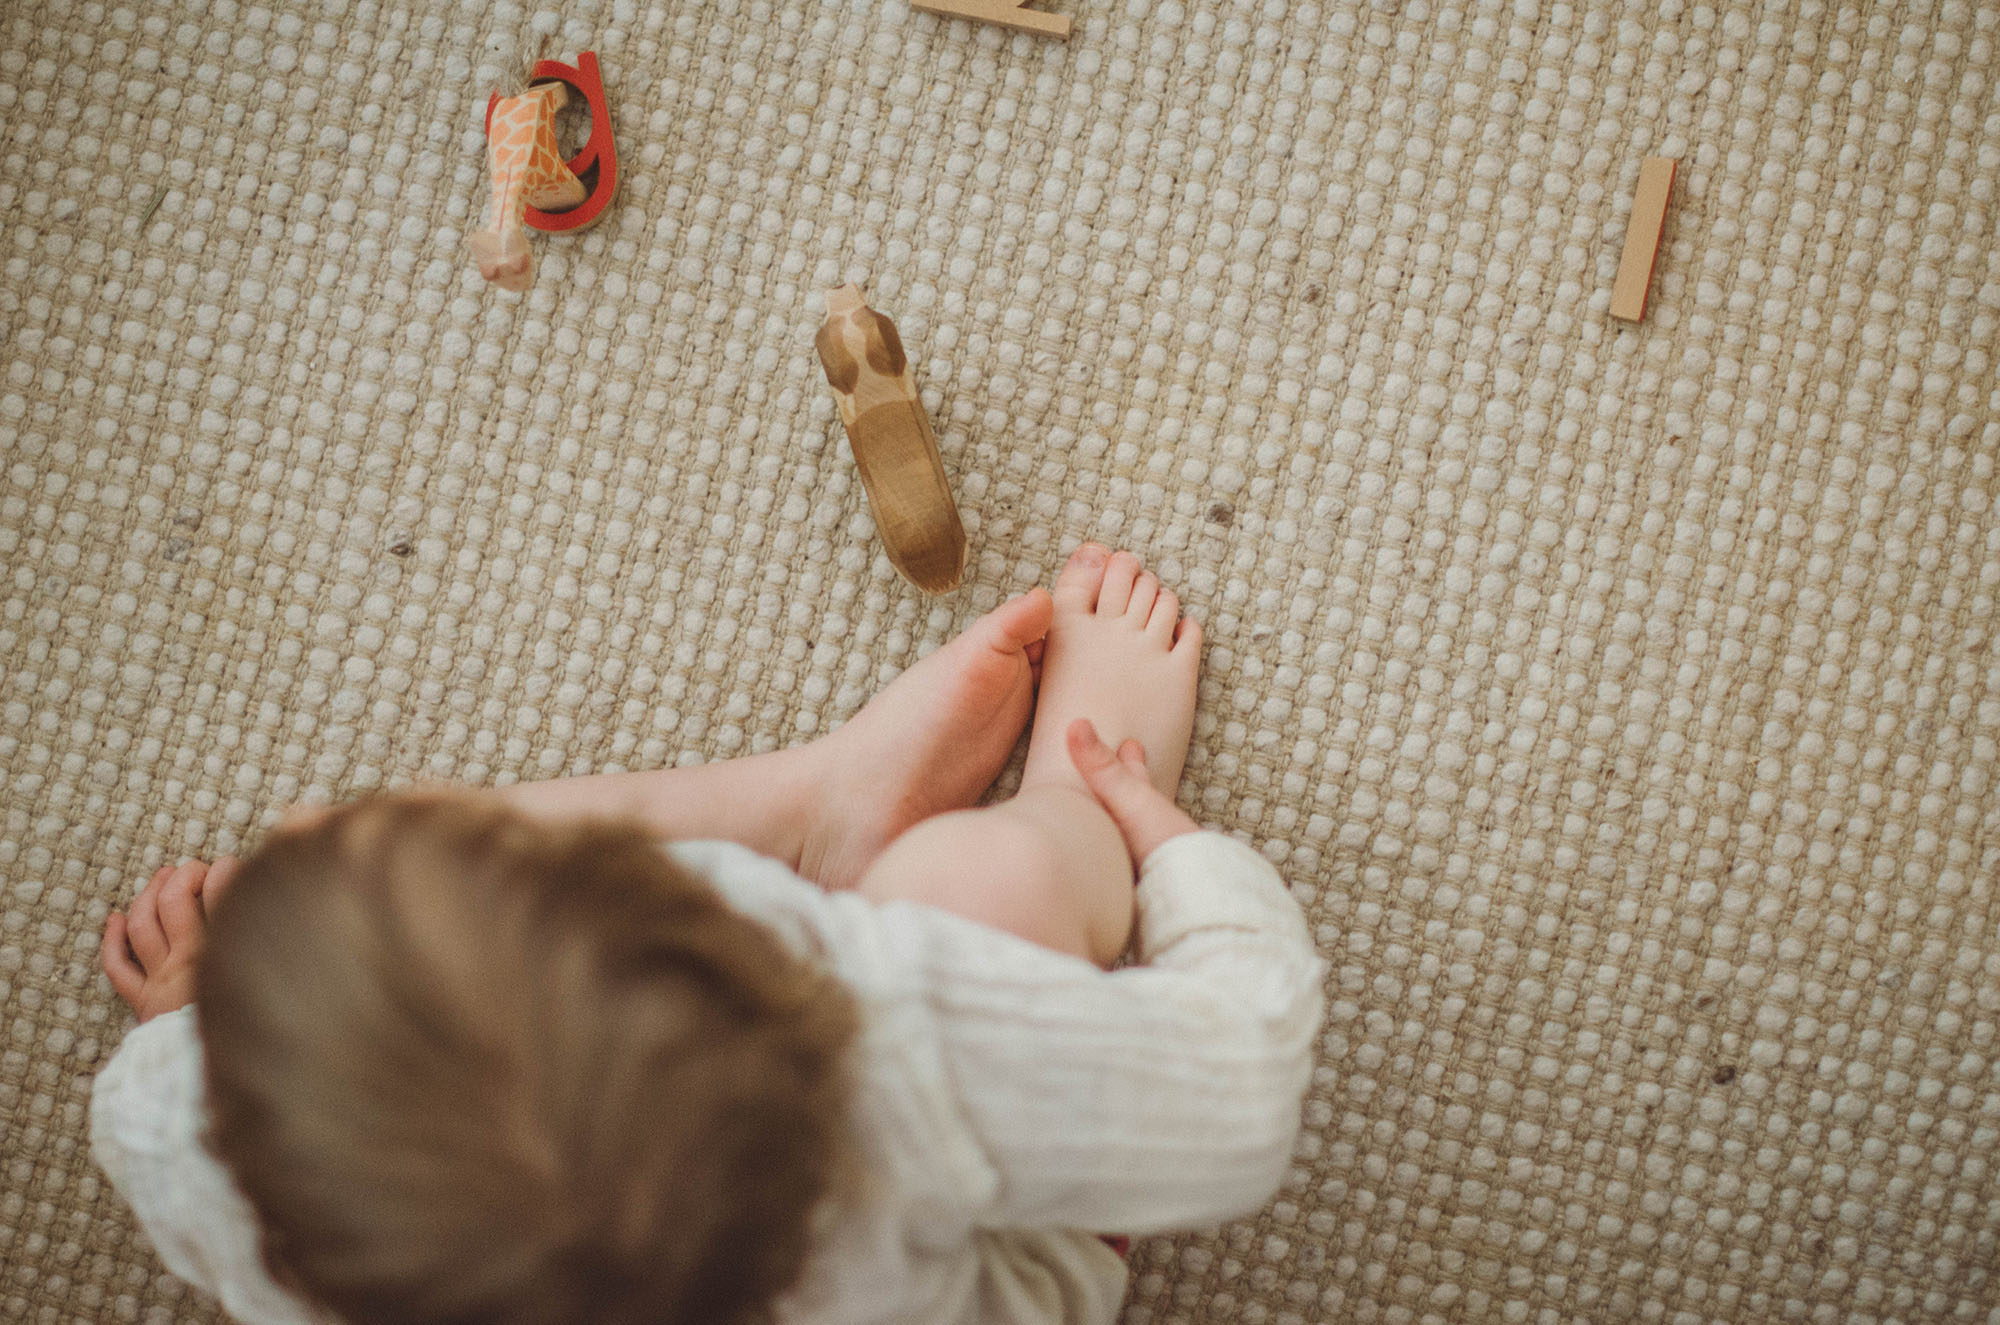 Ostheimer Tiere und Kind beim spielen, fotoshooting familie